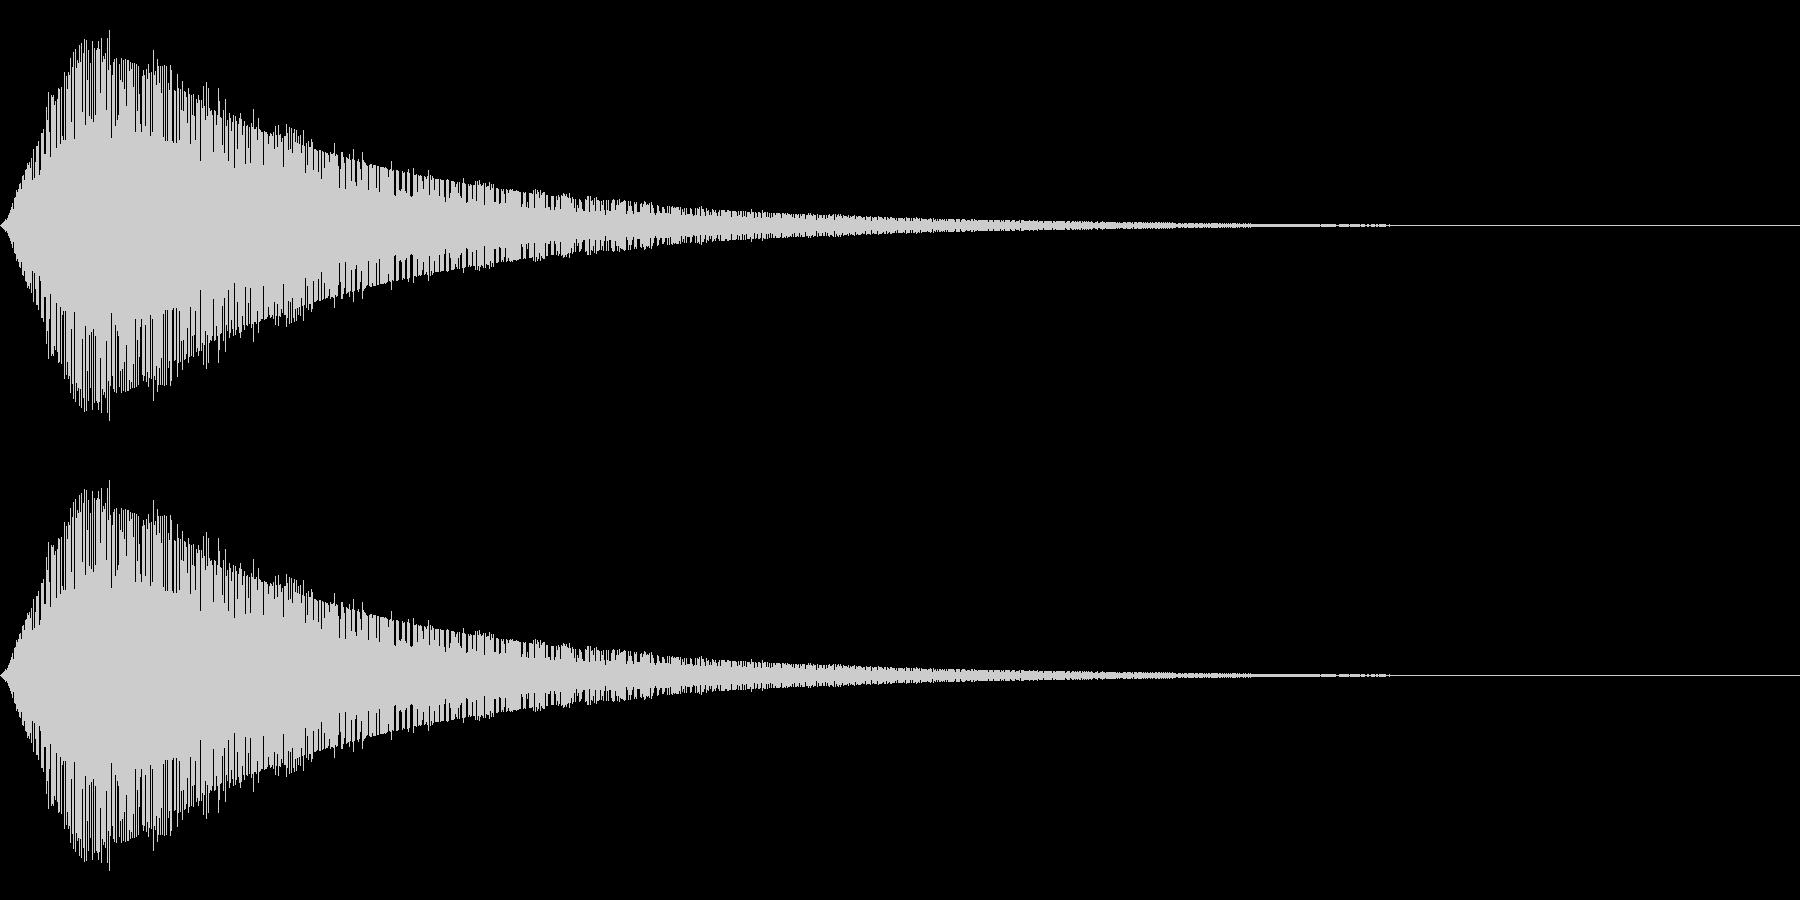 ジャーン(サイバー的)の未再生の波形